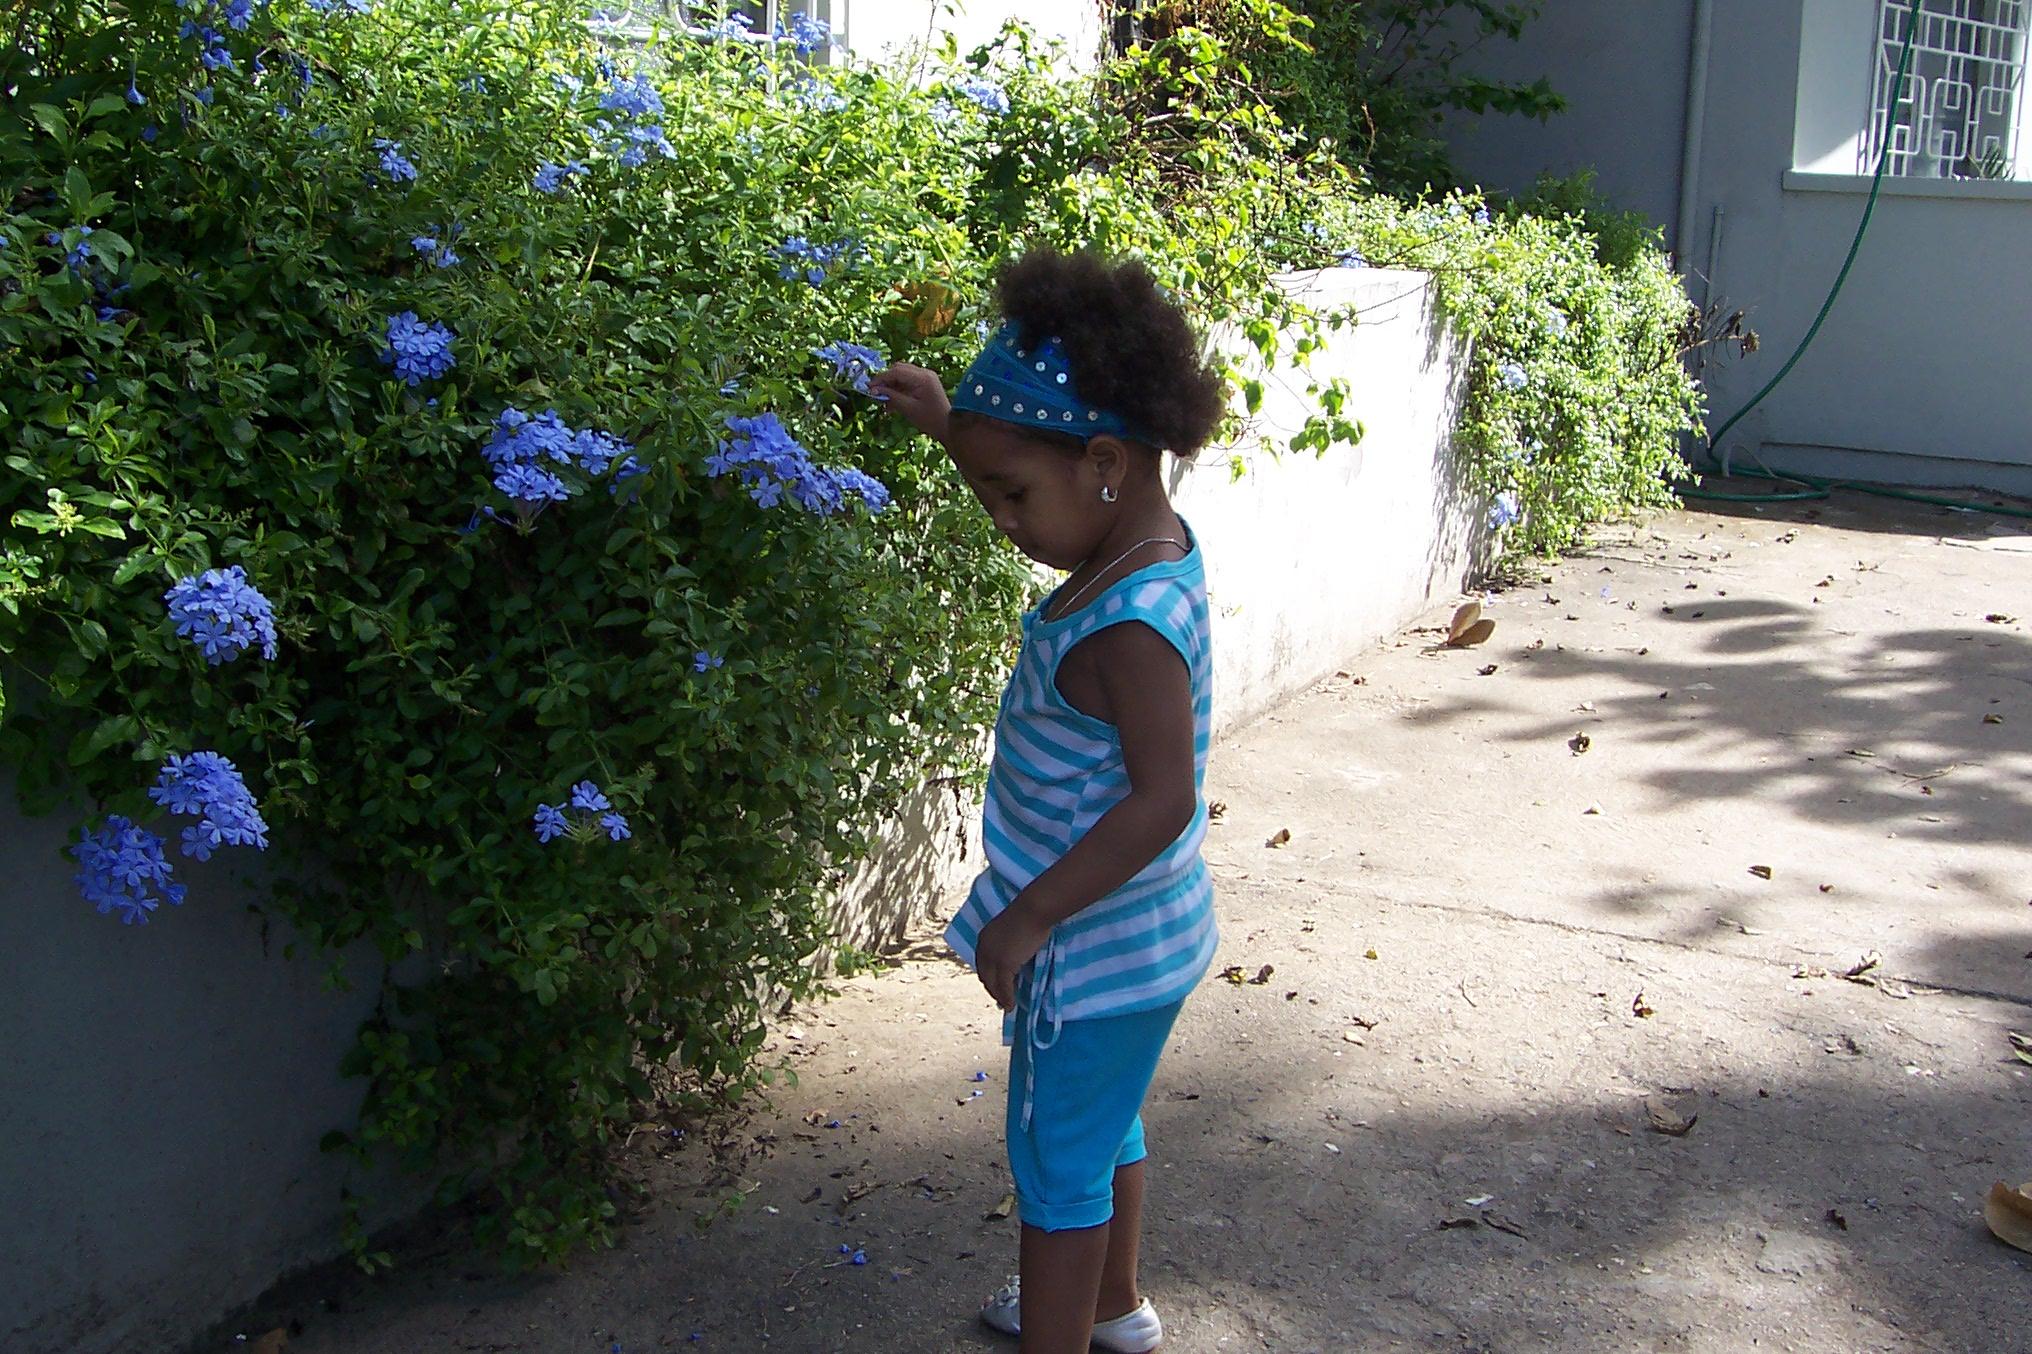 Doña Chucha, un lugar de acogida para jóvenes dominicanas